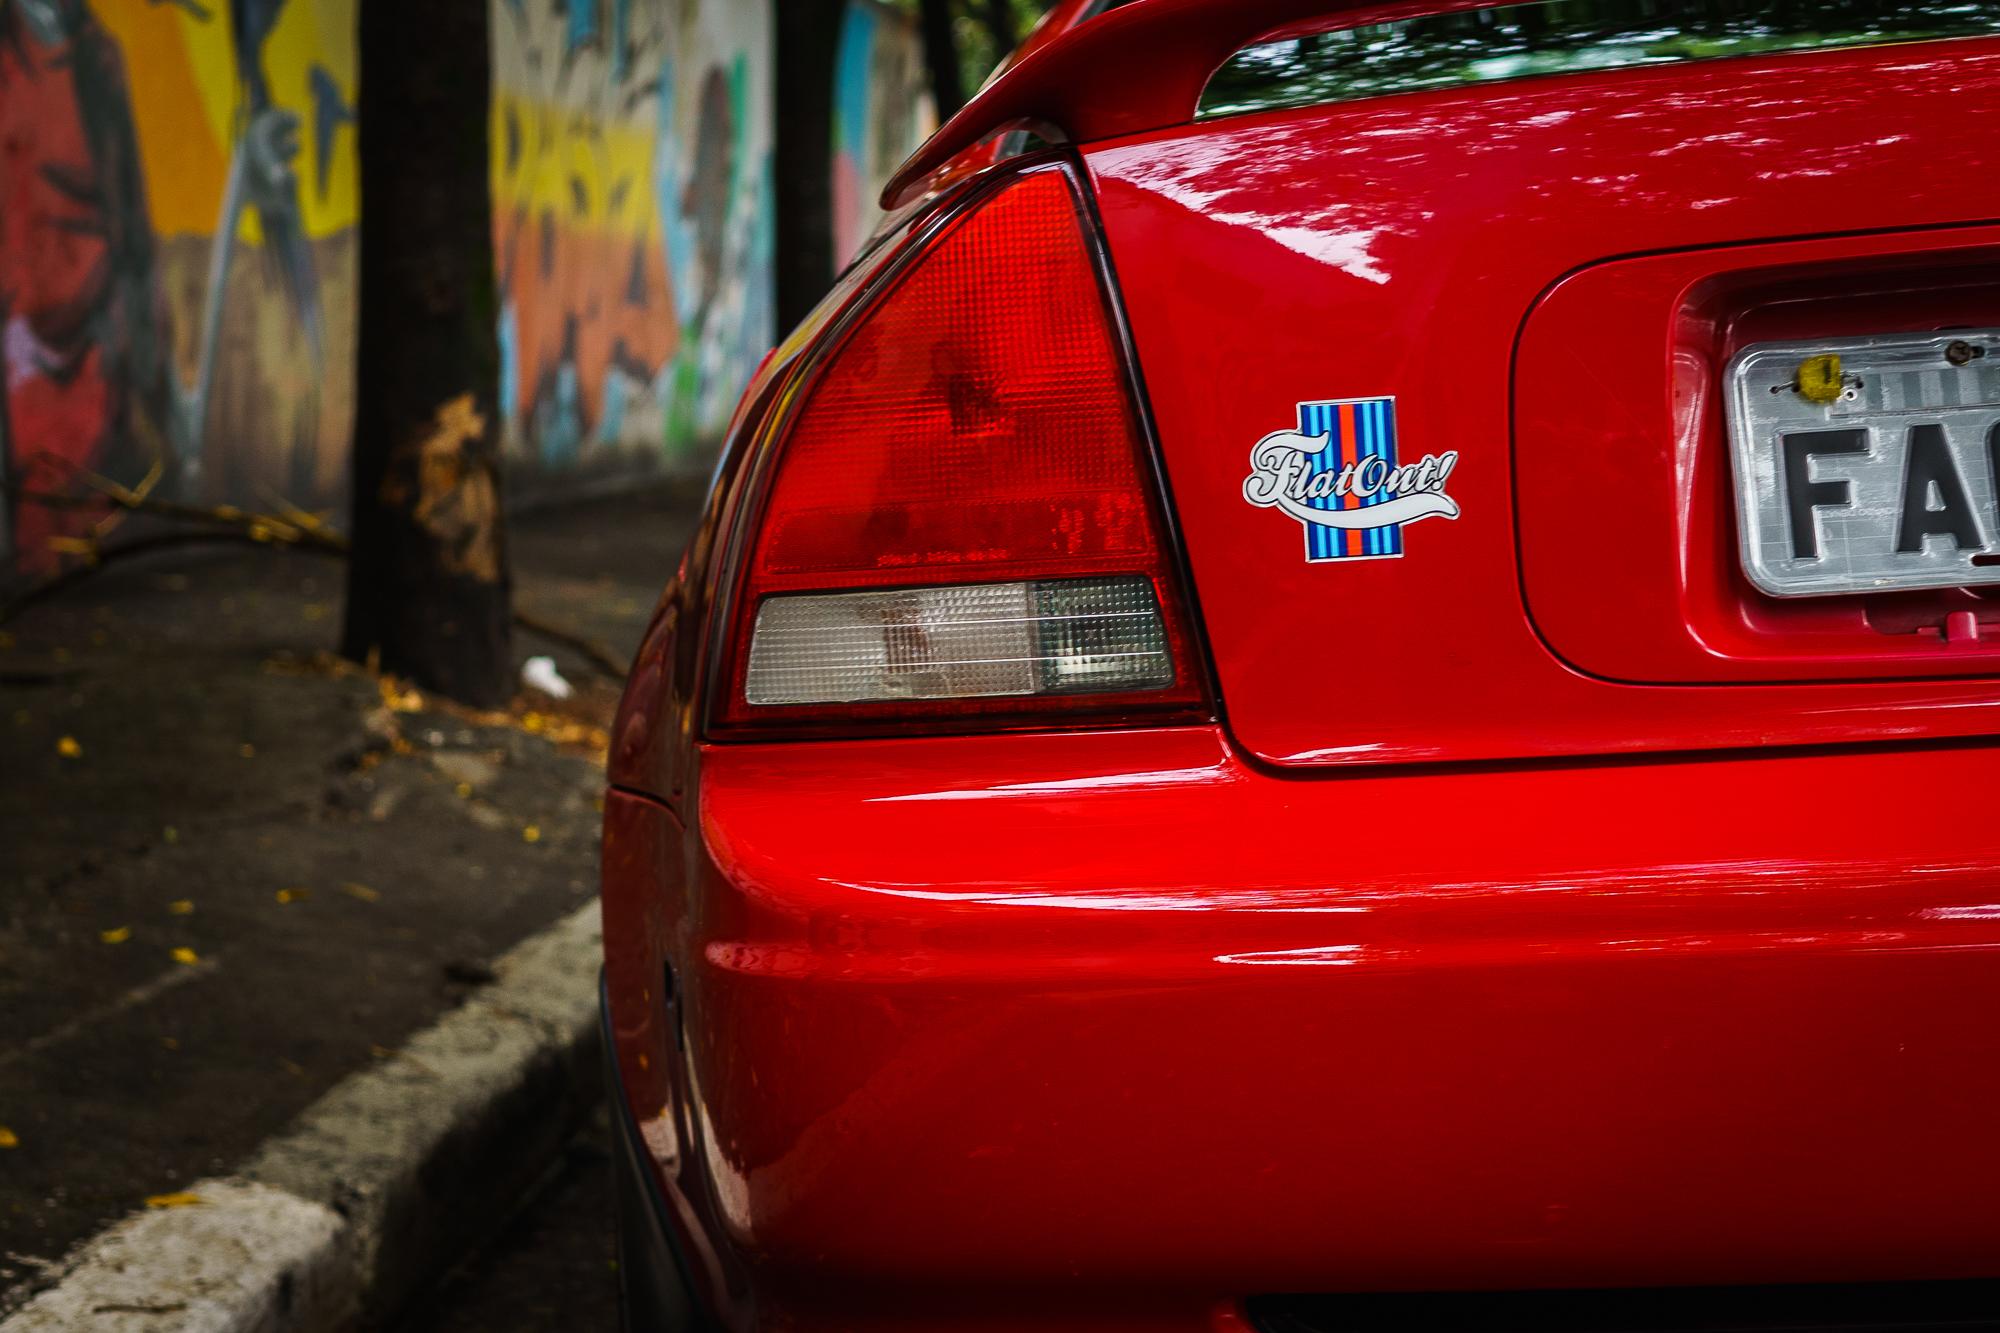 Flatout bumper sticker